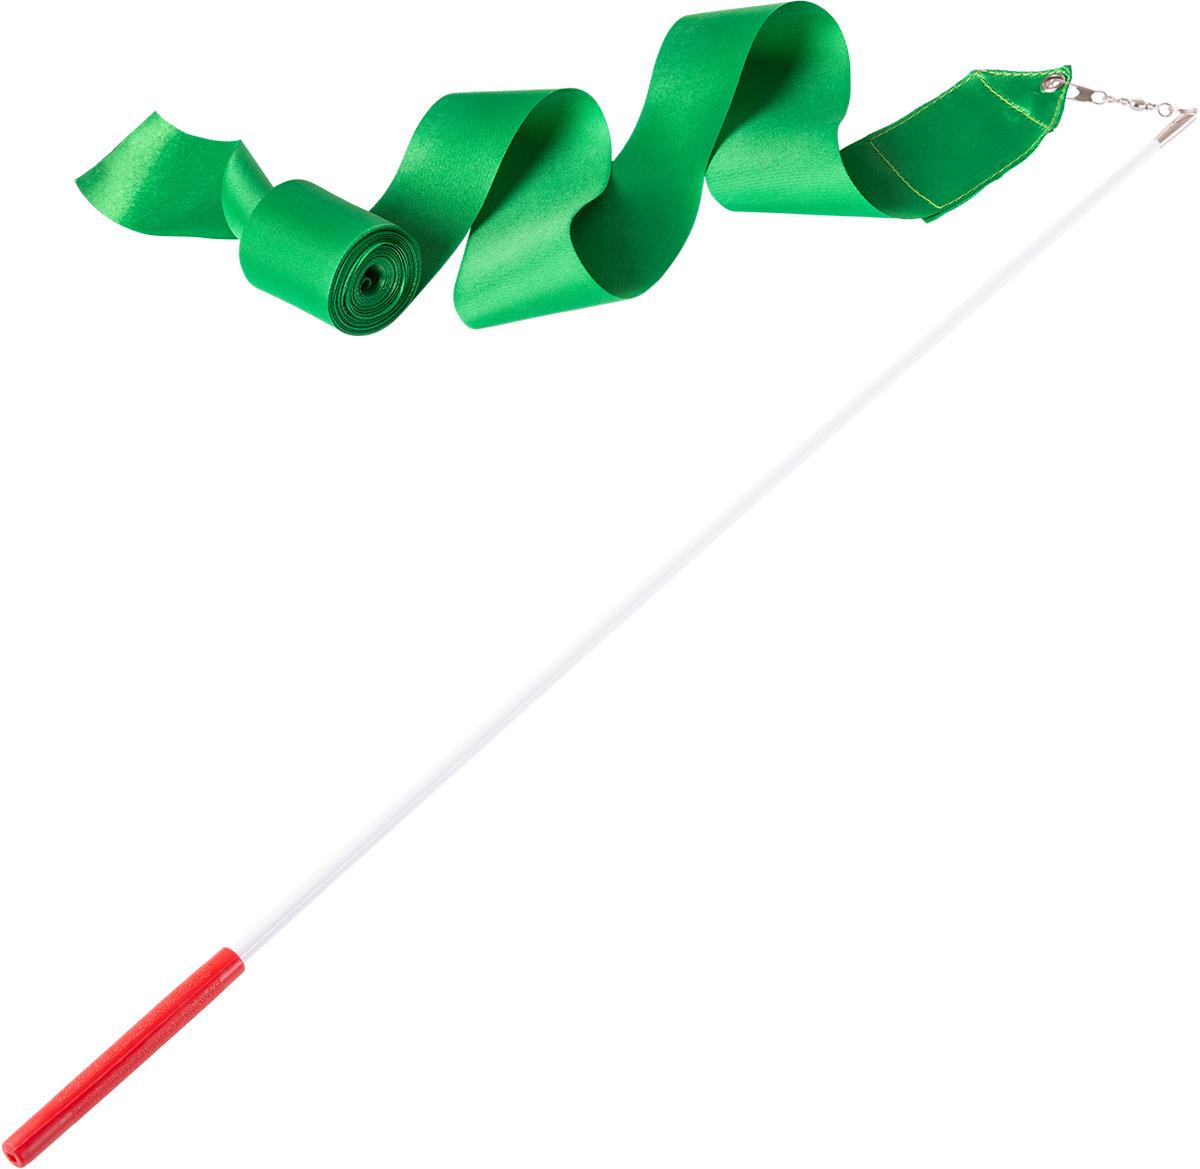 Лента для художественной гимнастики Amely AGR-201, длина 6 м, с палочкой 56 см, цвет: зеленый лонгслив для гимнастики малыши